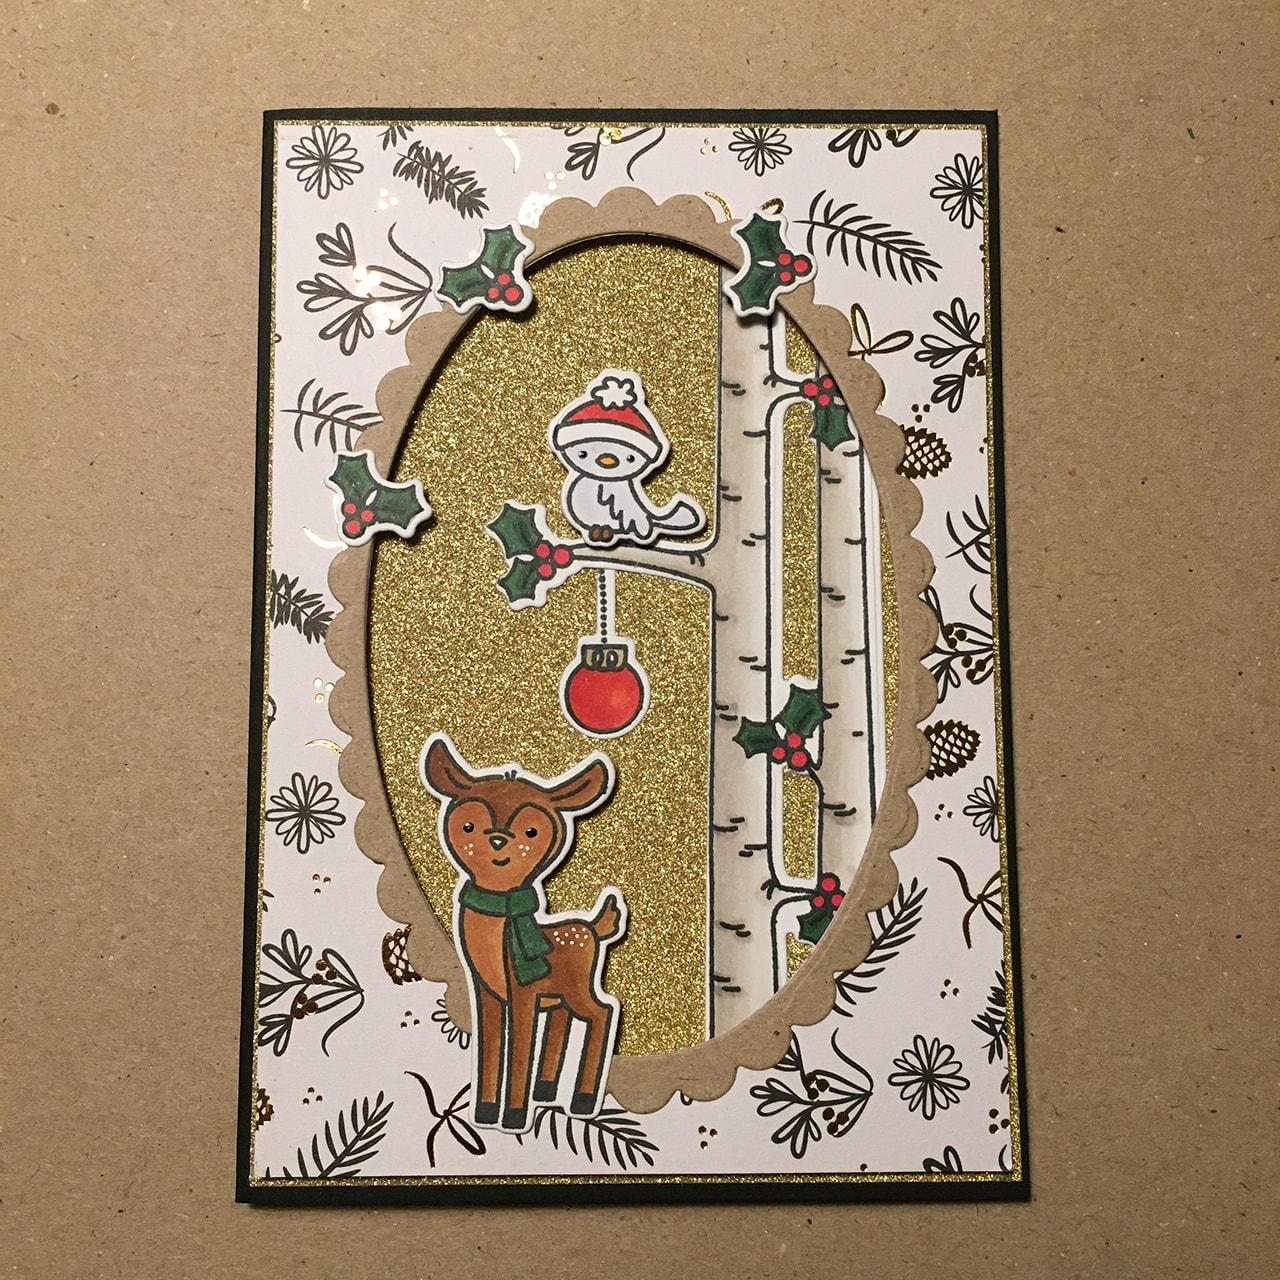 Jul jul jul jul - og jeg elsker det